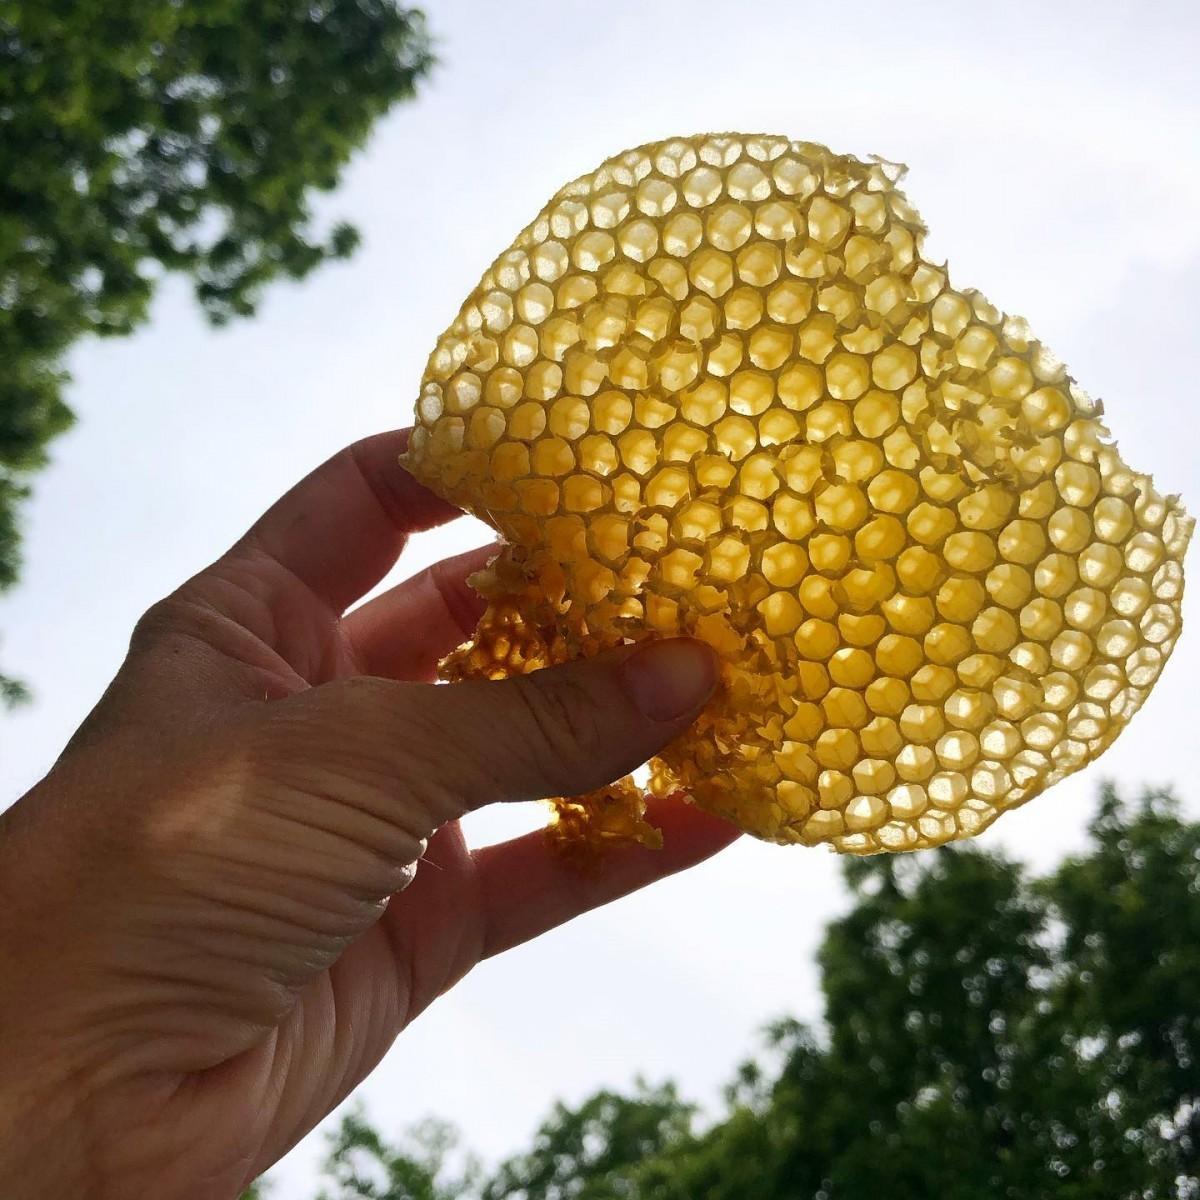 از کجا بفهمیم عسل طبیعی است؟ + طرز تهیه عسل تقلبی